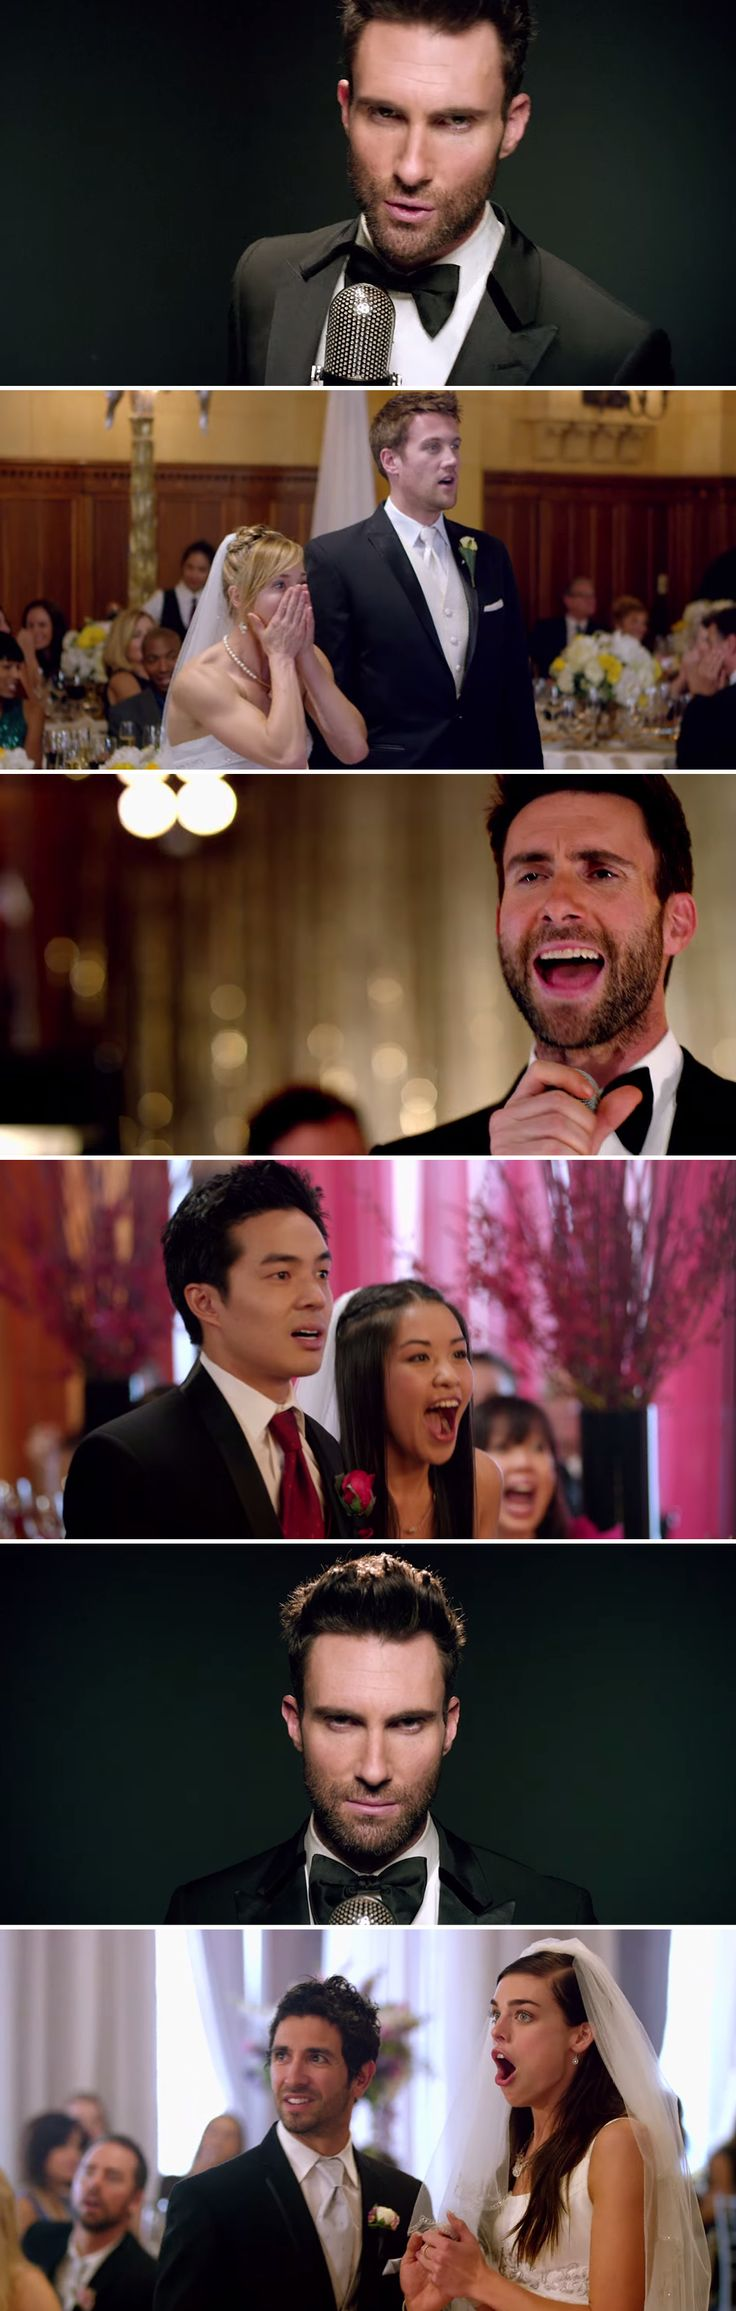 Imagina da de cara com o Adam Levine no seu casamento! My God!!